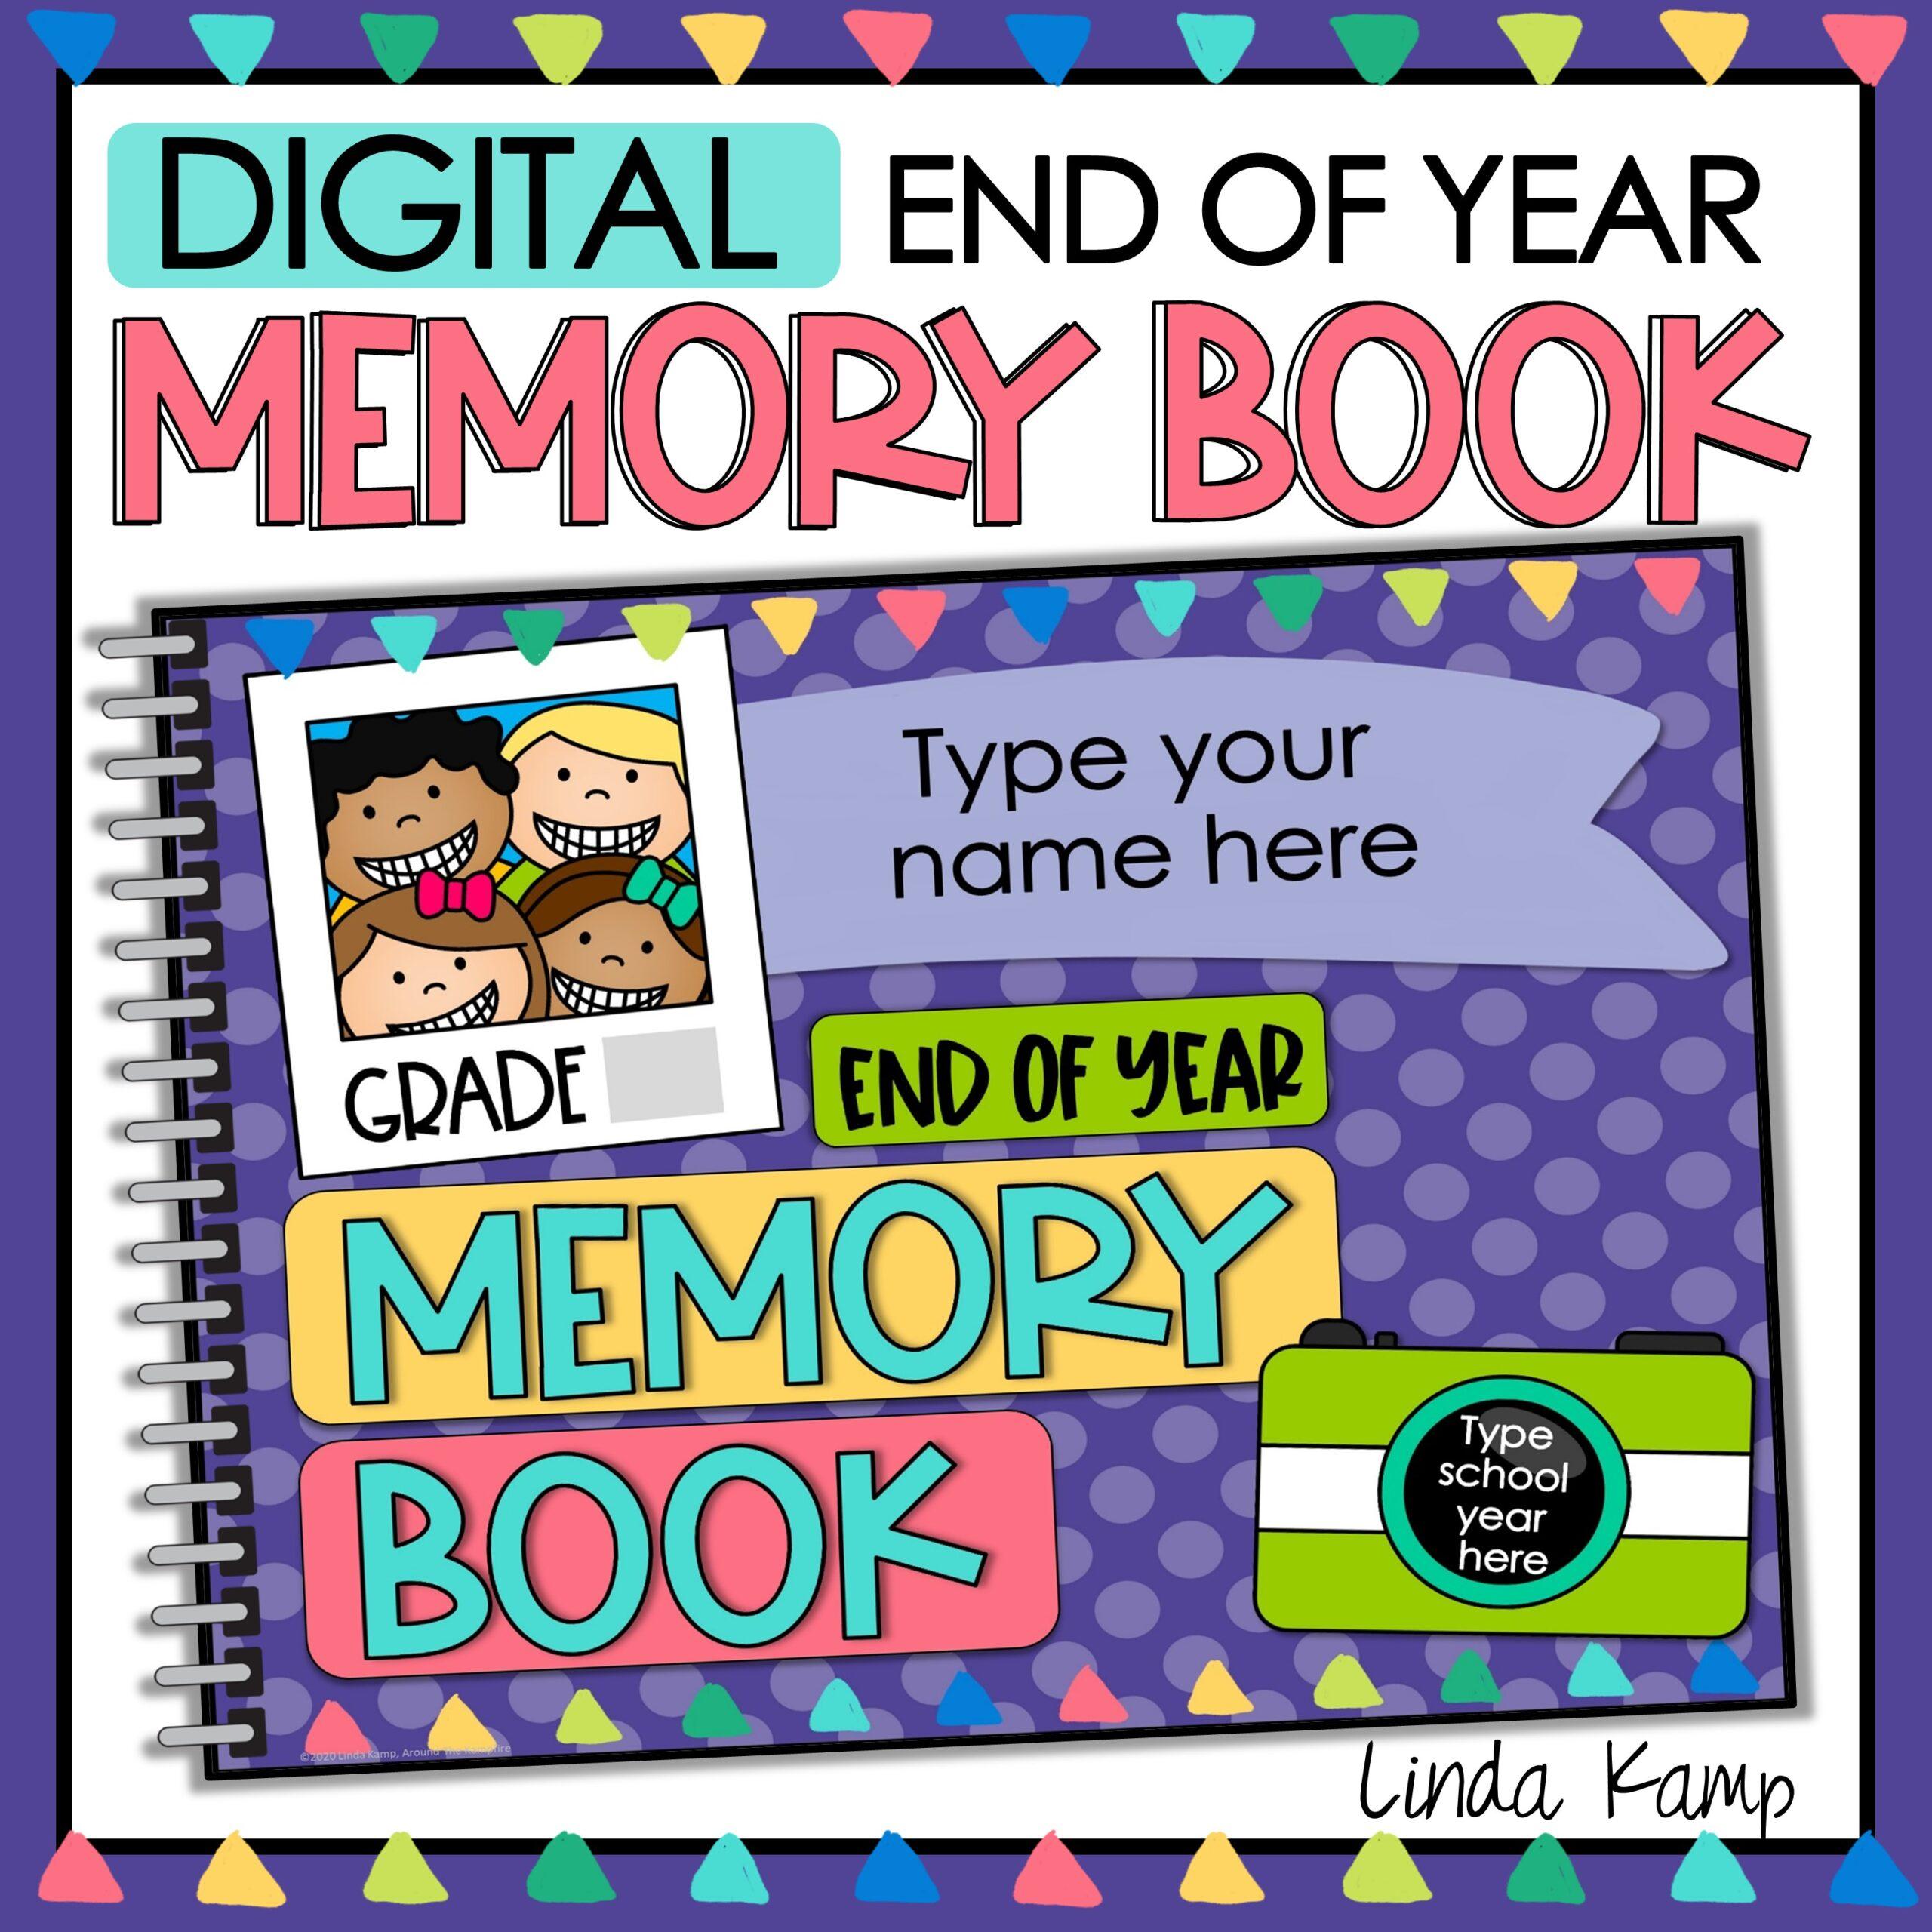 digital memory book cover